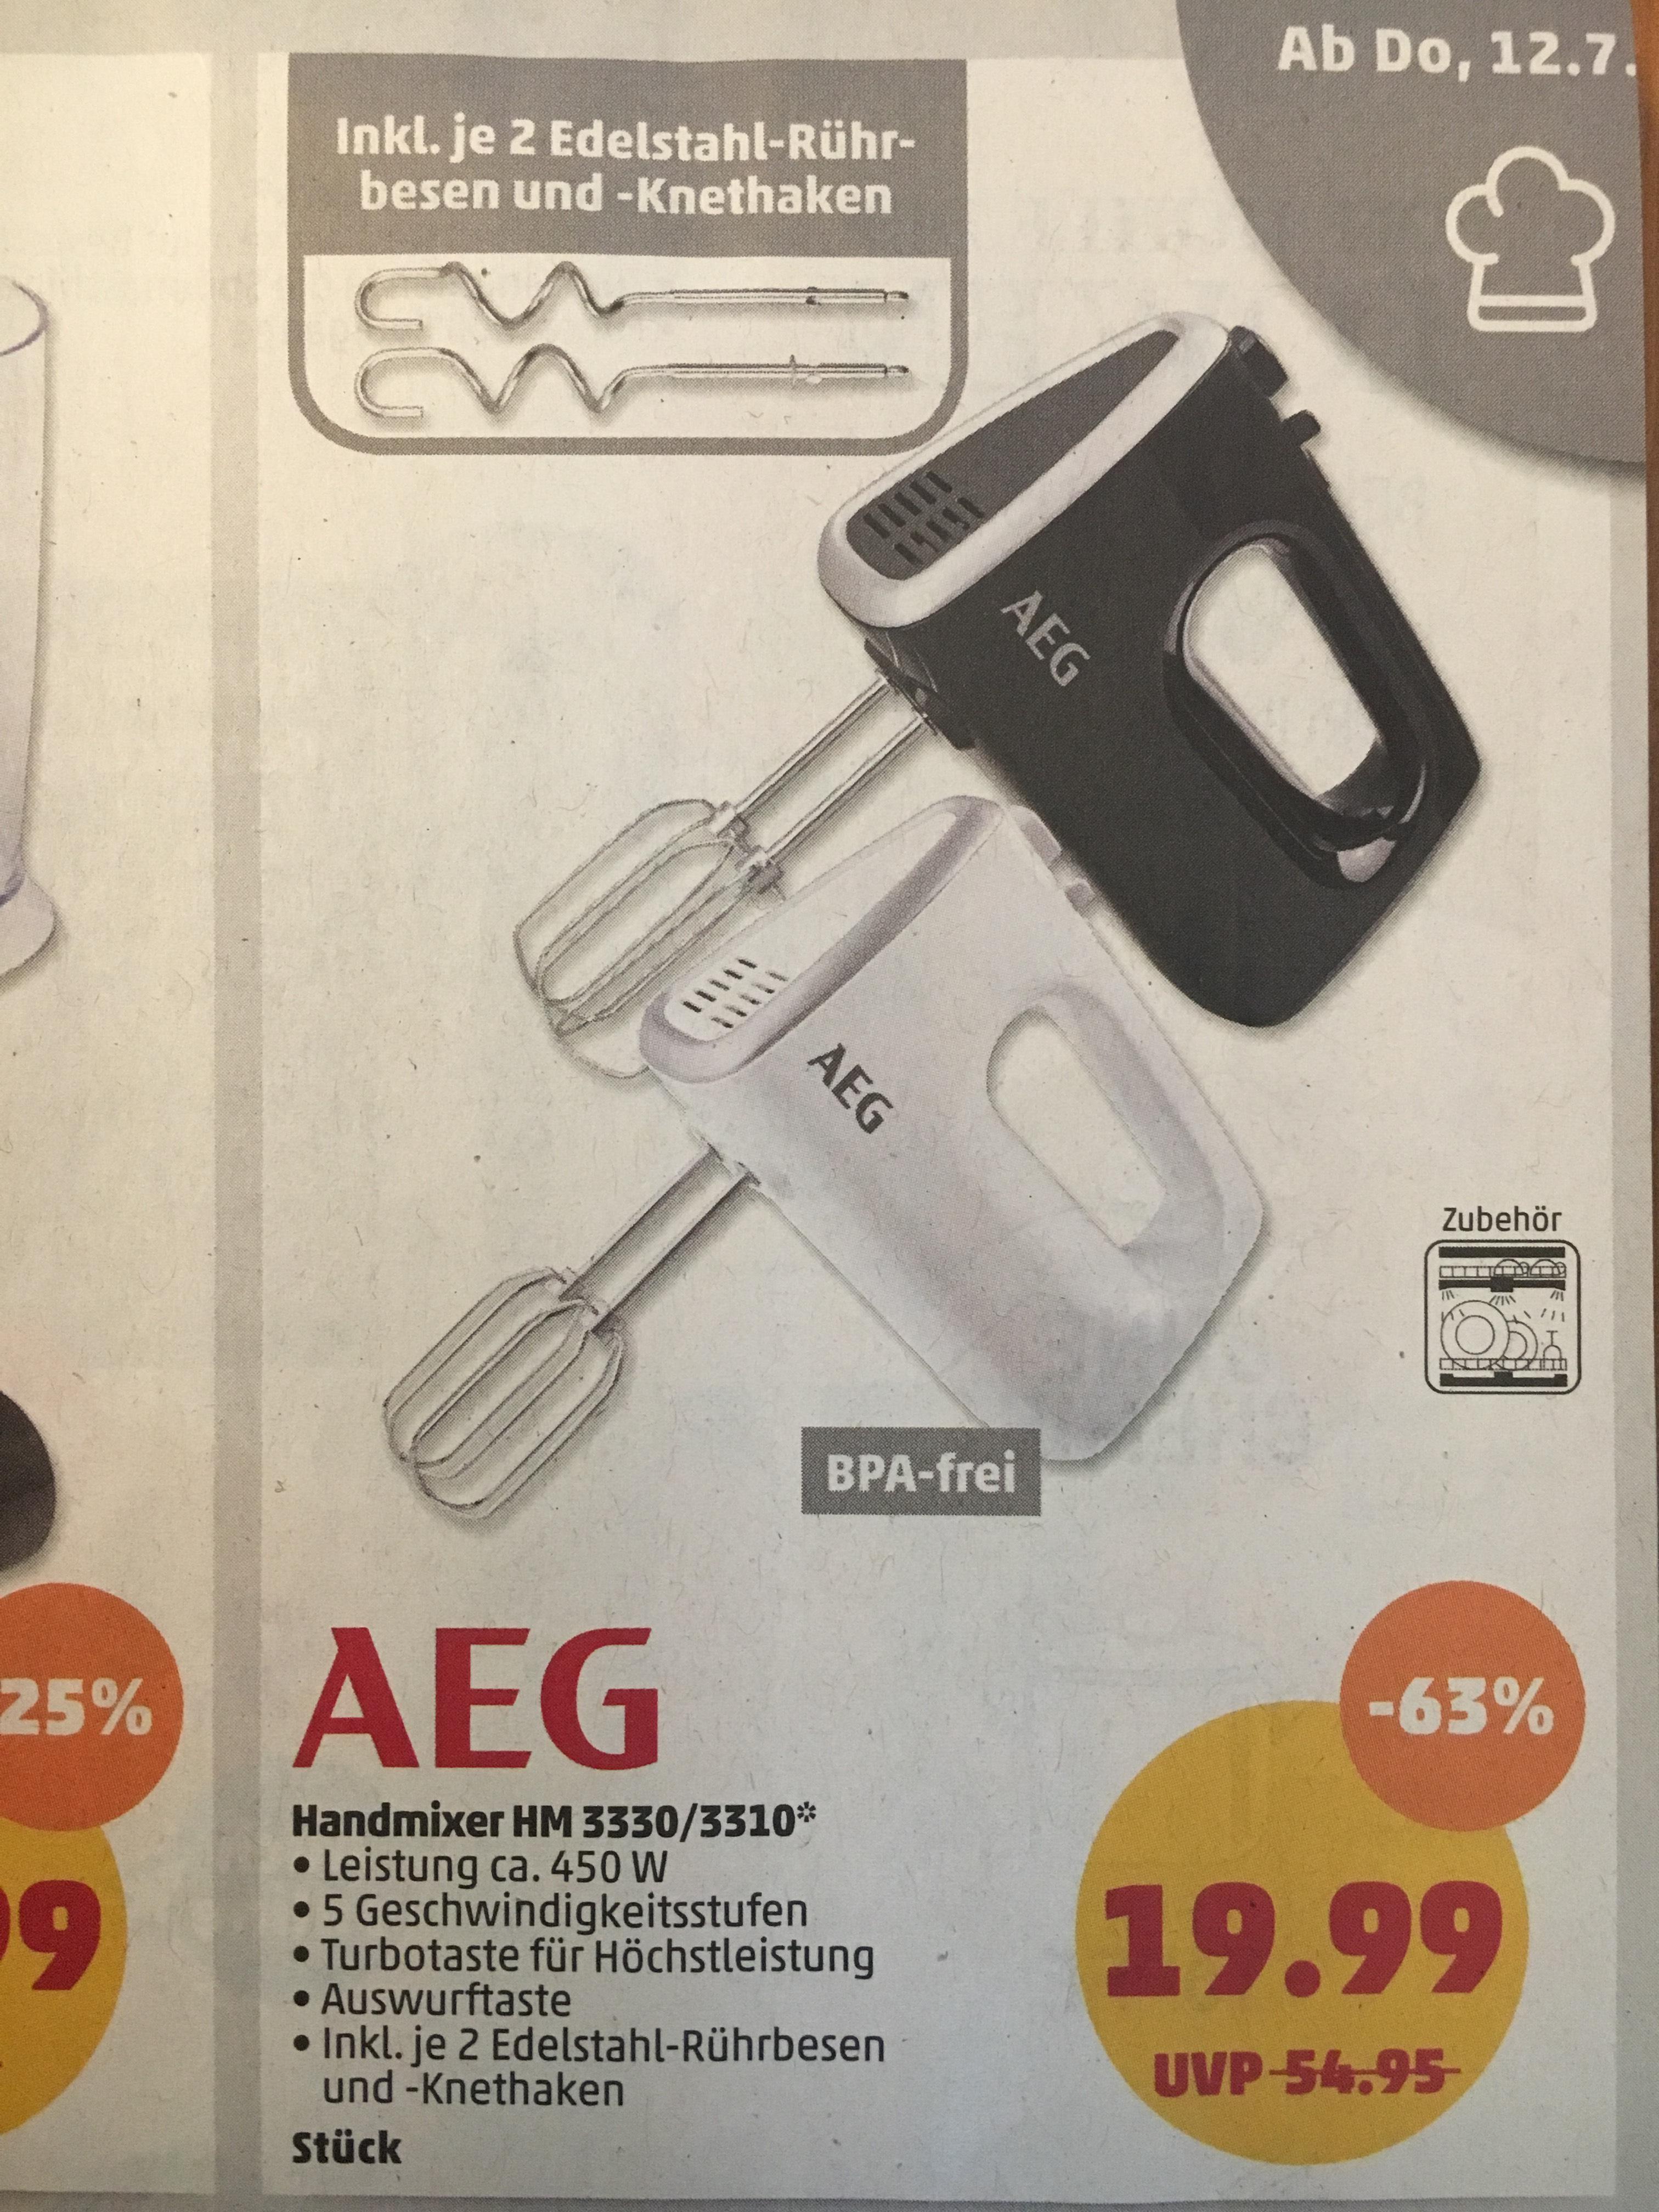 AEG Handmixer